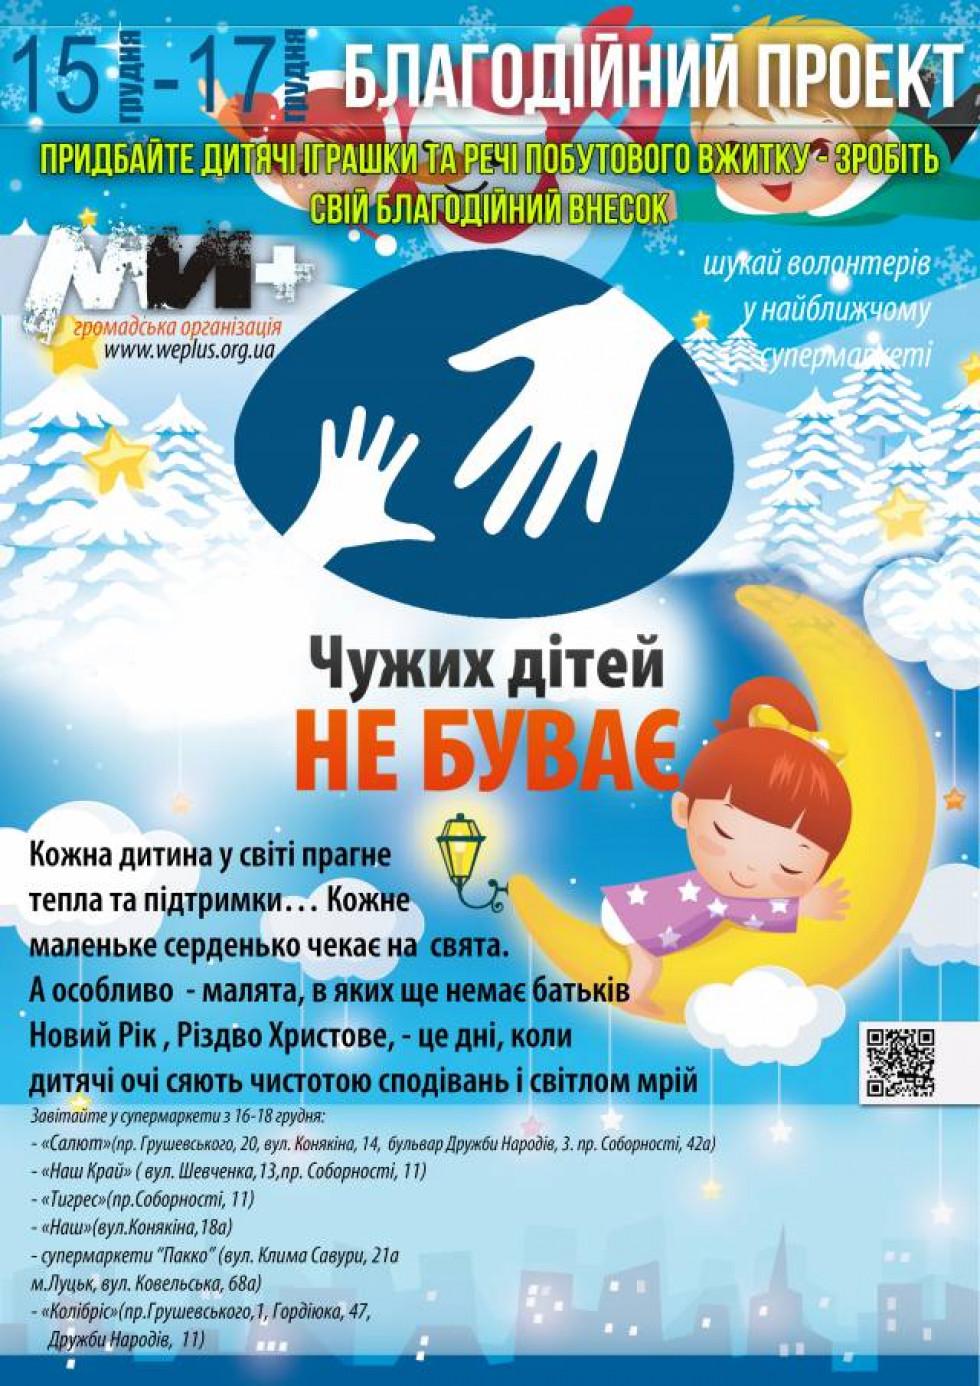 Благодійний проект стартує 14 грудня